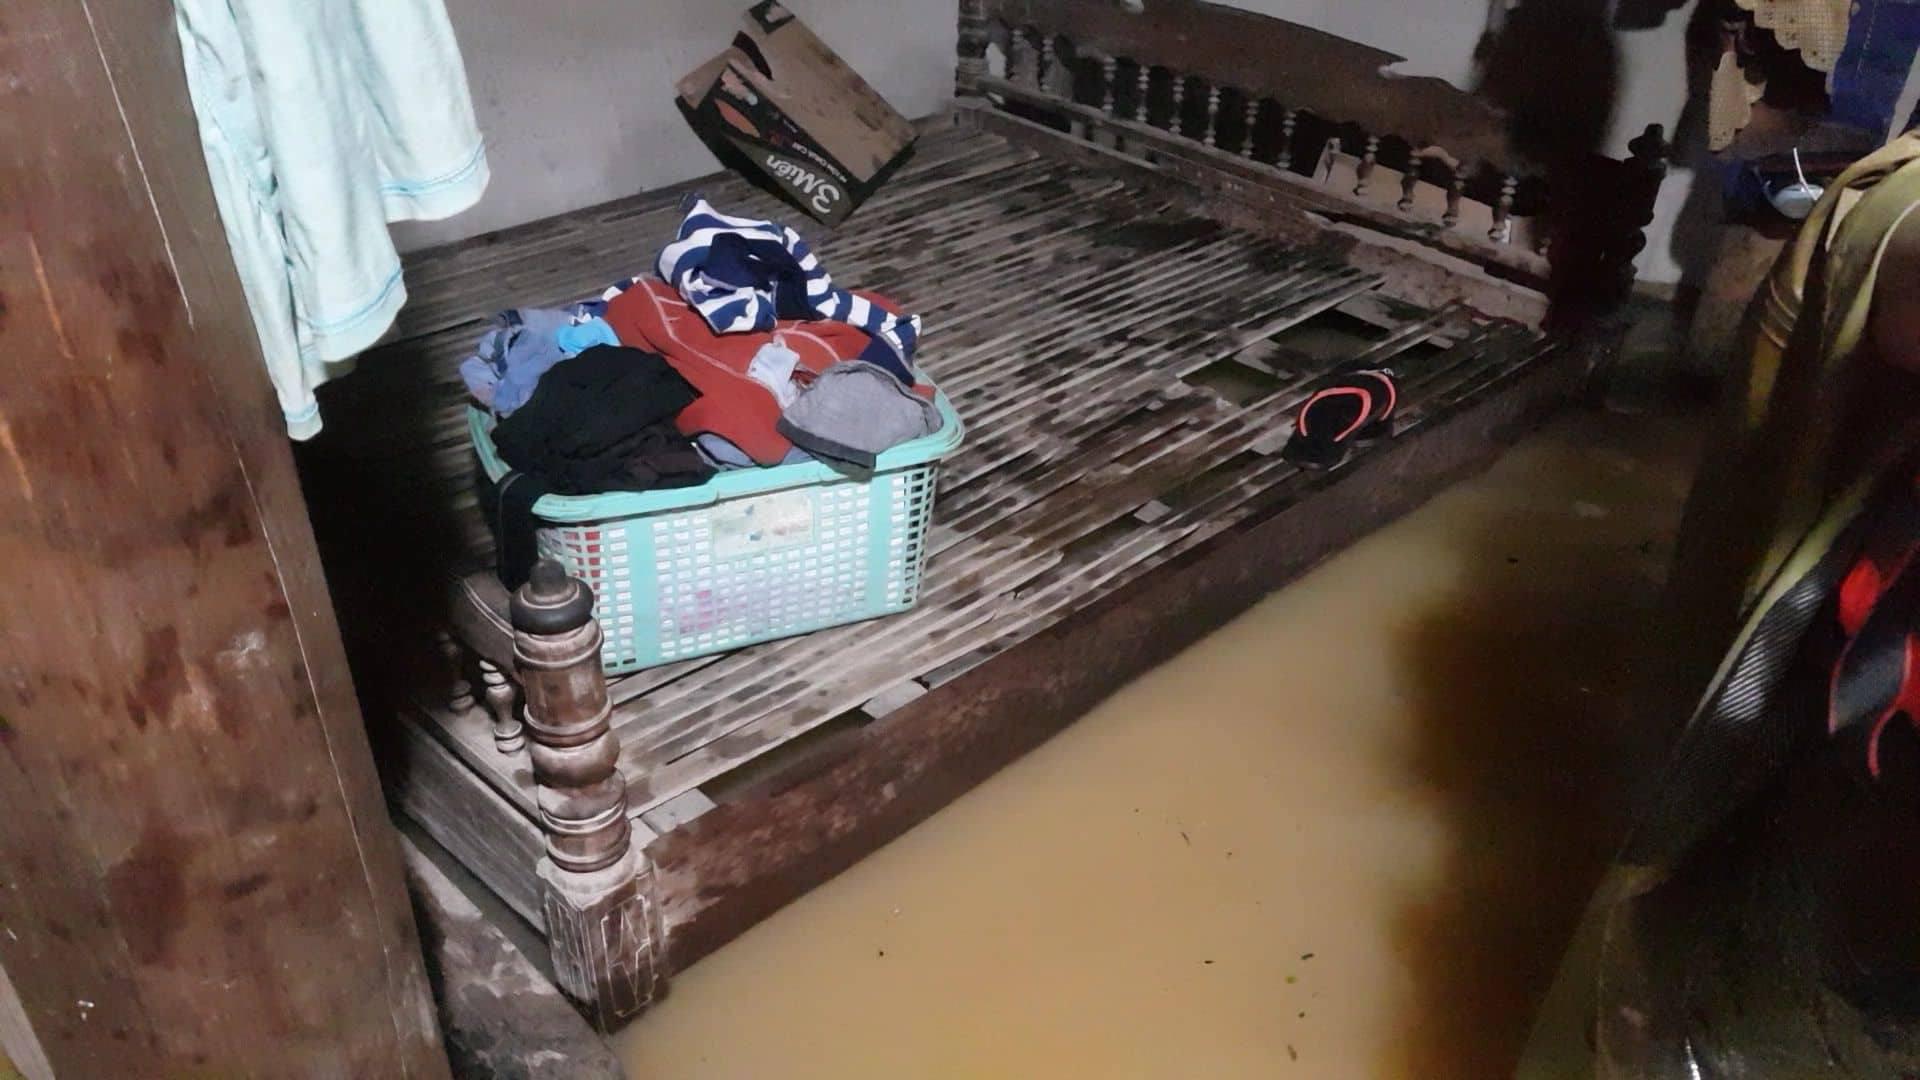 Mưa lũ kinh hoàng tại Hà Tĩnh: Nhà ngập đến tận nóc, người dân khốn khổ sống cô lập trong biển nước-9